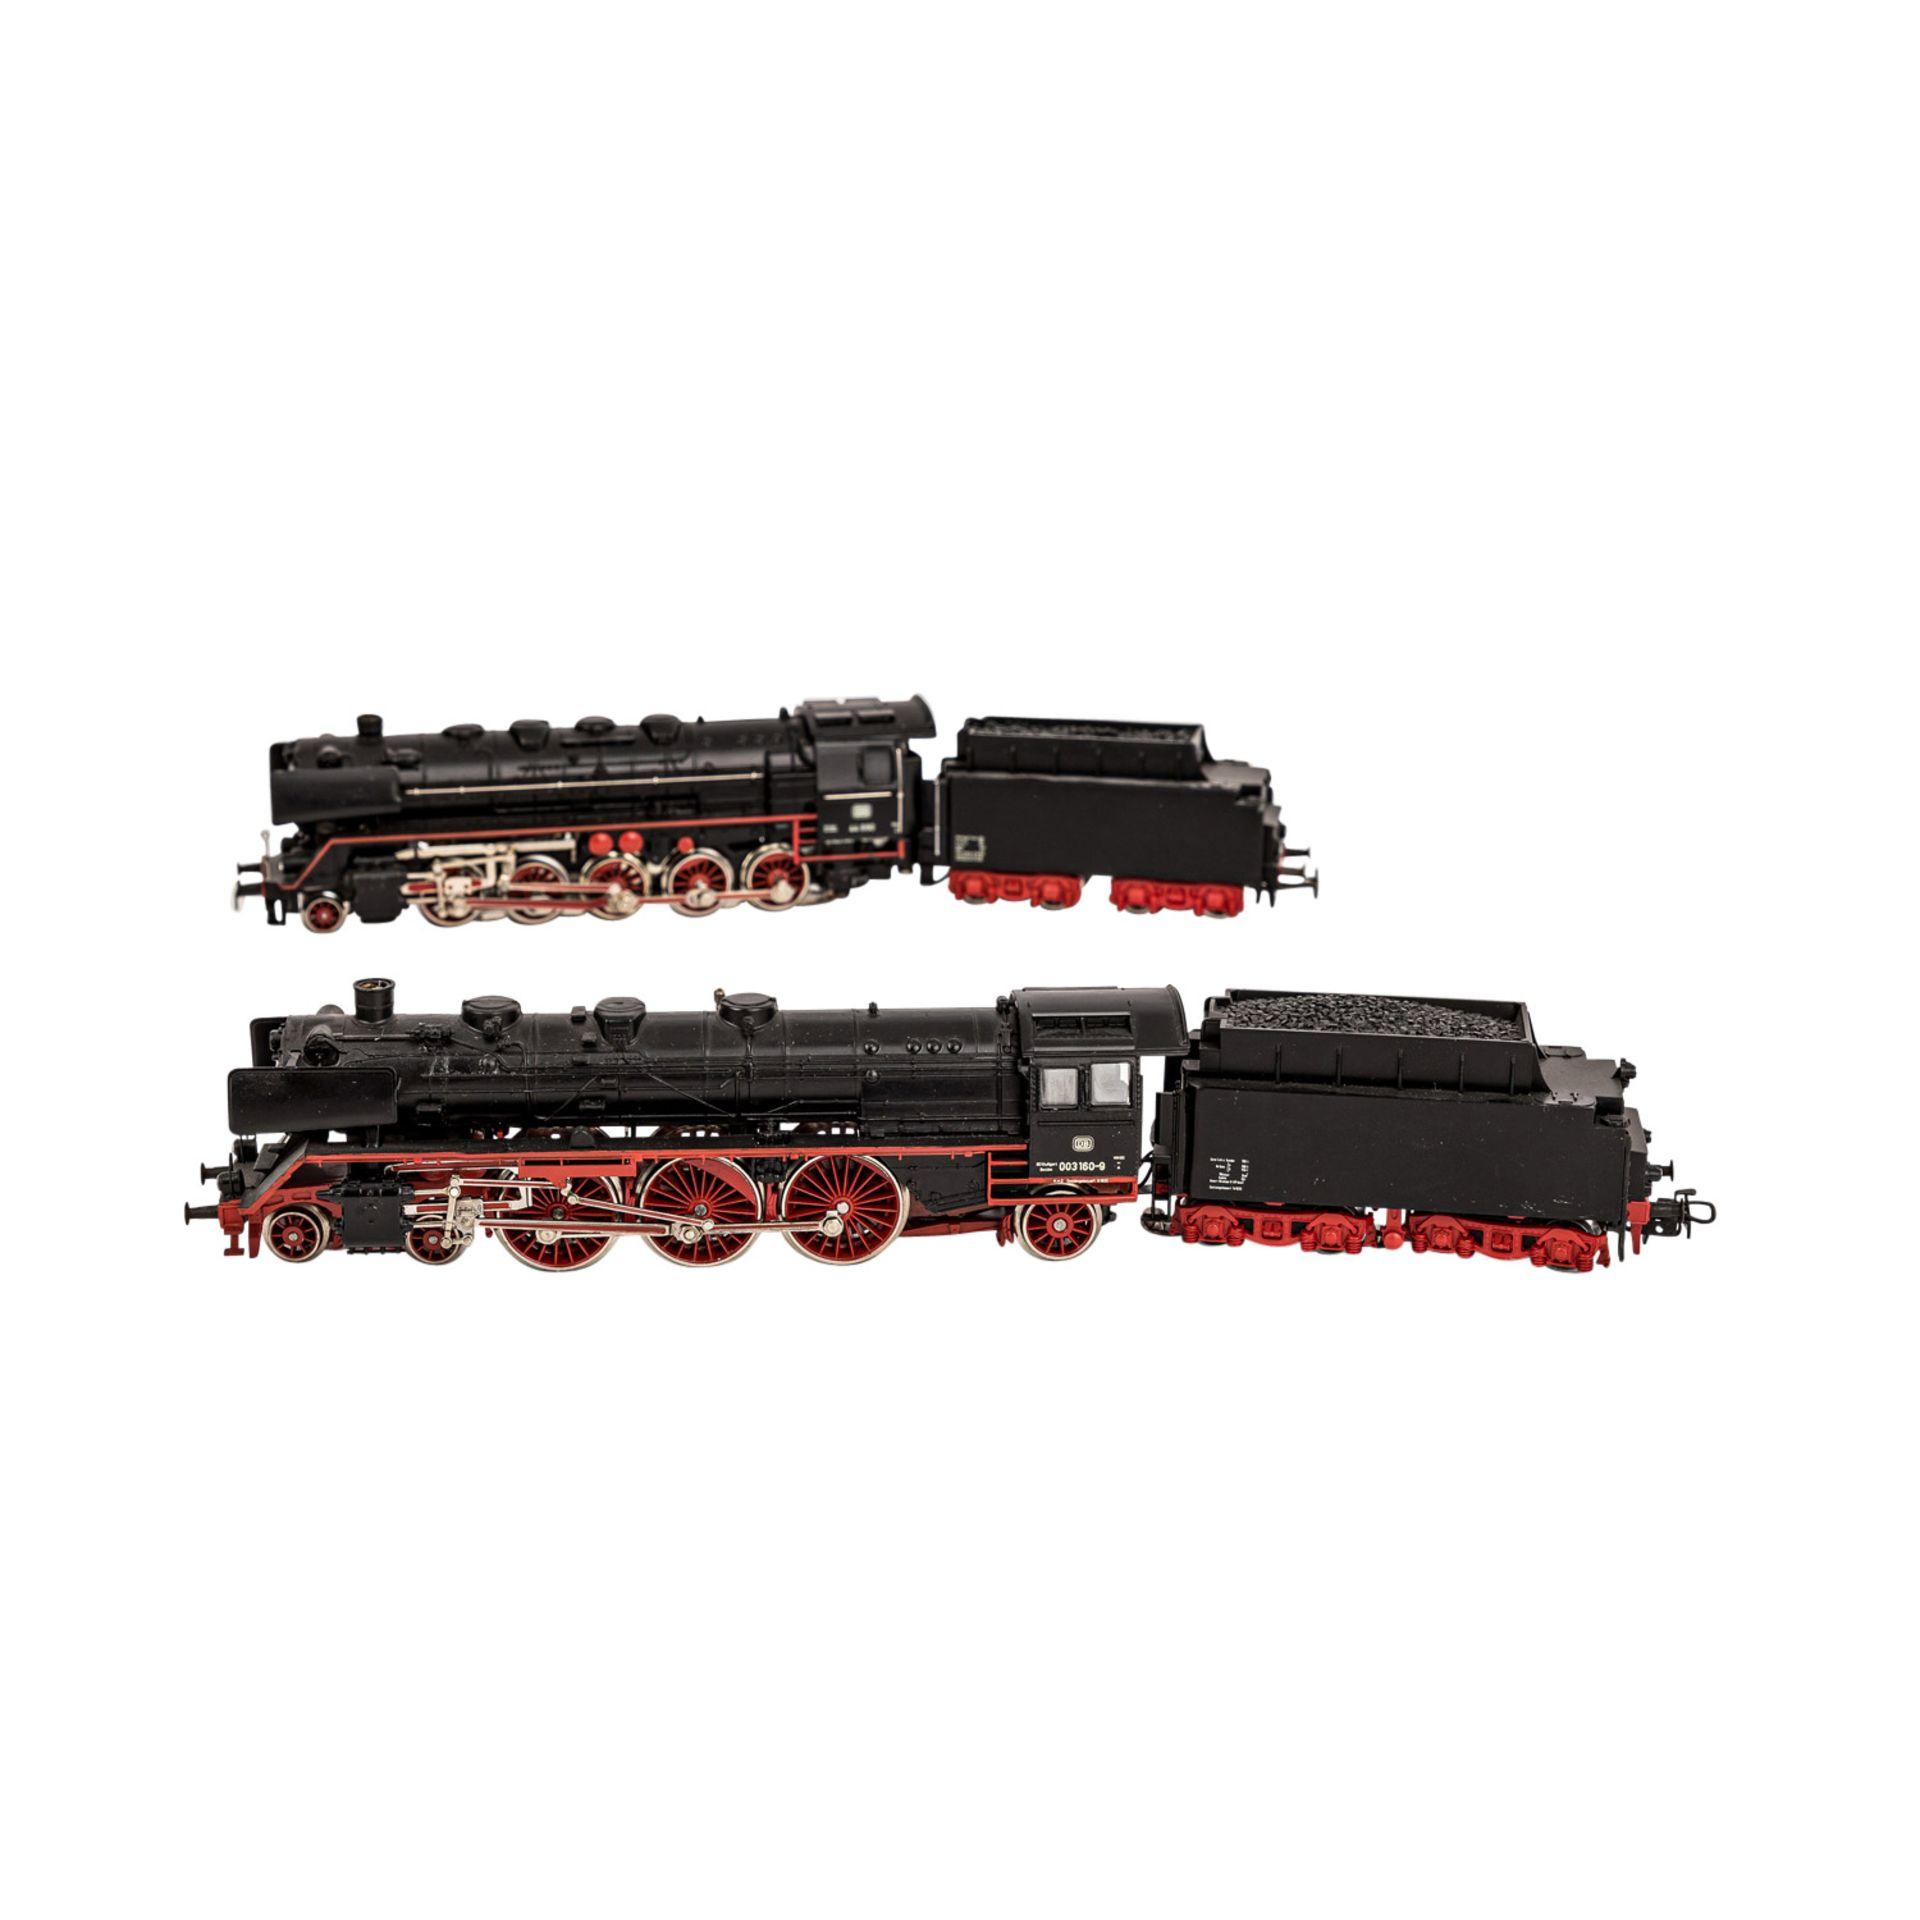 MÄRKLIN Konvolut Lokomotiven und Güterwagen, Spur H0,bestehend aus zwei Schlepptende - Image 3 of 3